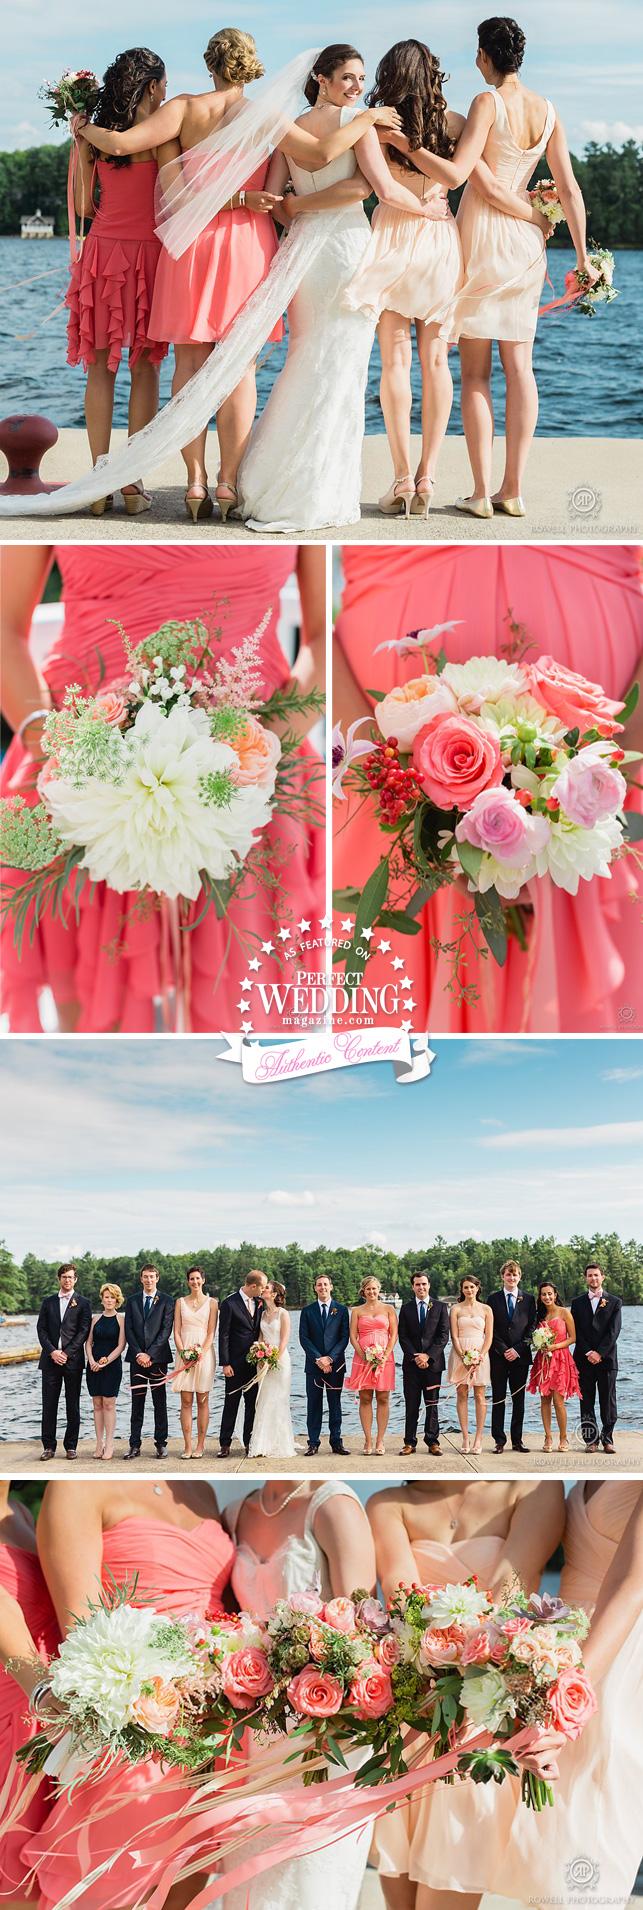 Canadian Summer Weddings, SUMMER WEDDING MUSKOKA,Summer weddings, Muskoka Weddings, Rowell Photo, Cottage Wedding, Wedding Decor, Bridal Flowers, Perfect Wedding Magazine, Perfect Wedding Blog